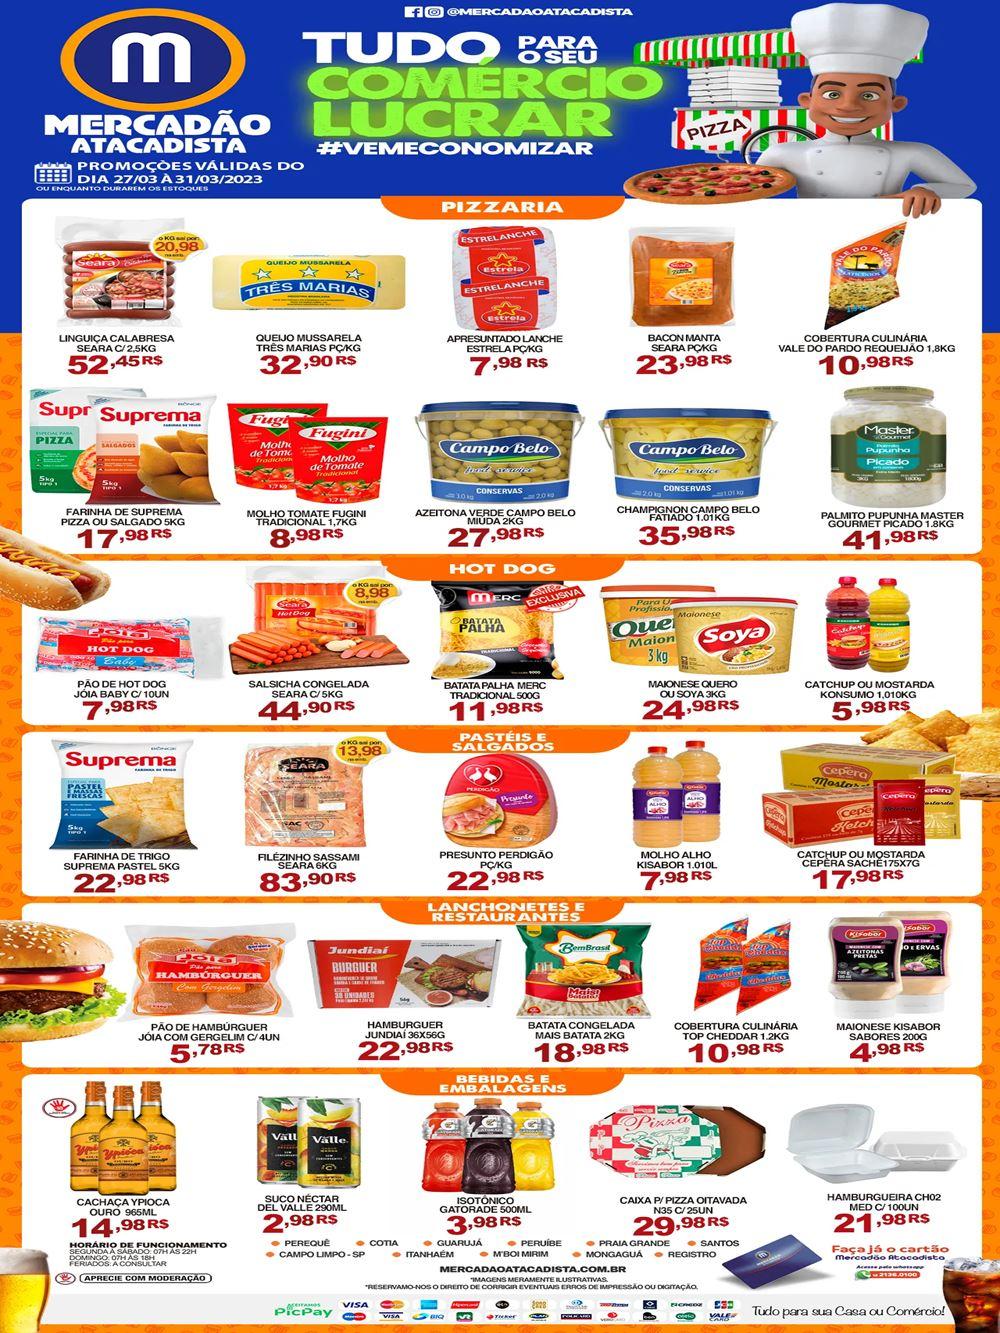 mercadao-ofertas-descontos-hoje1-69 Mercadão até 14/05